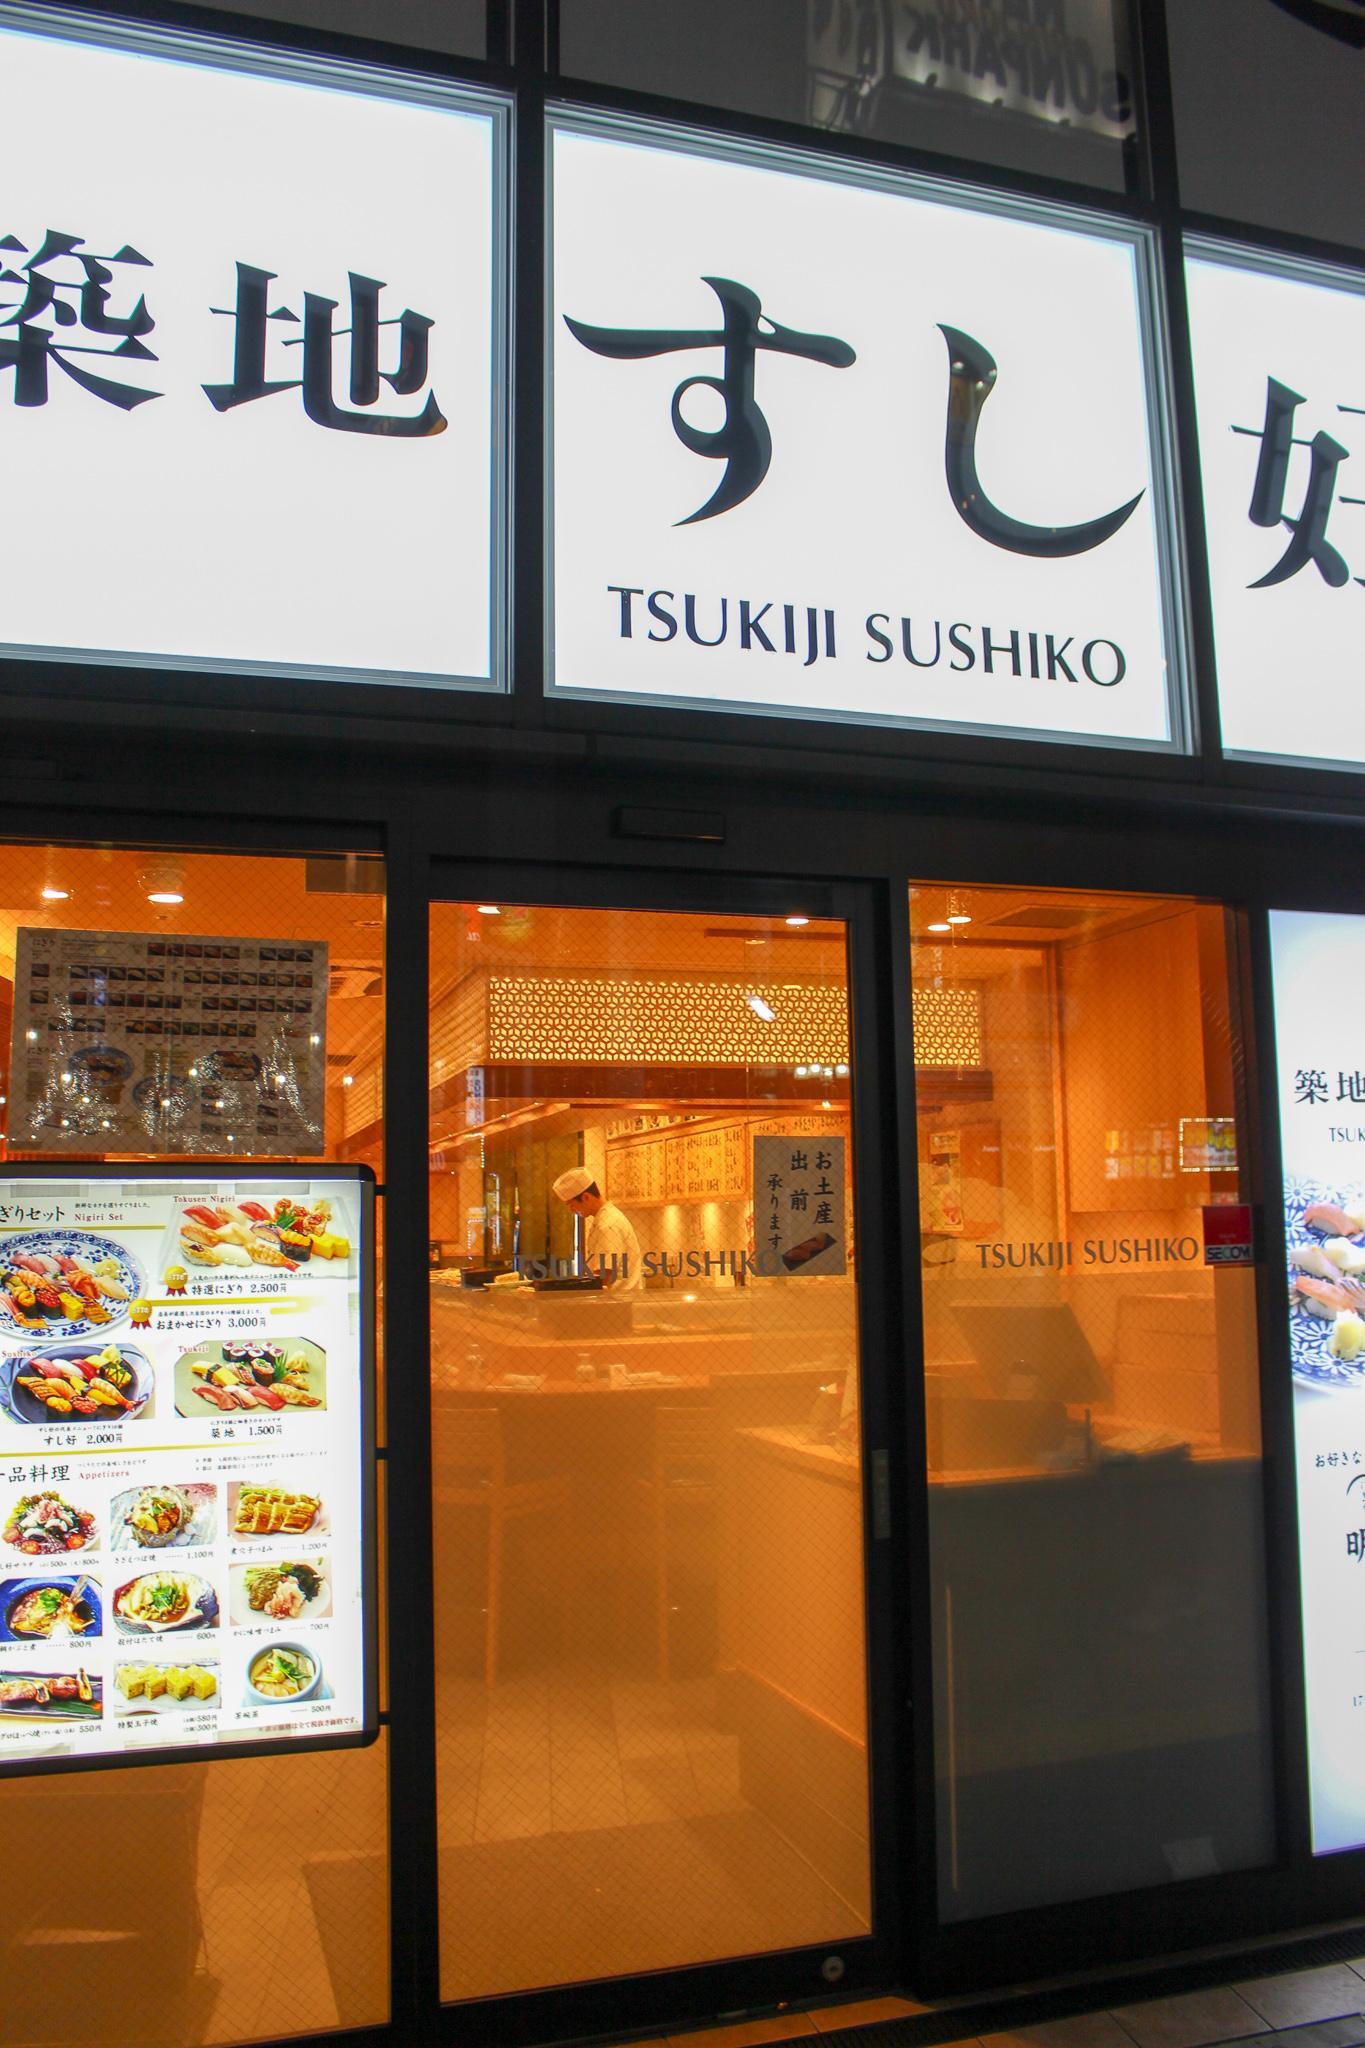 tsukiji_sushiko_entrada